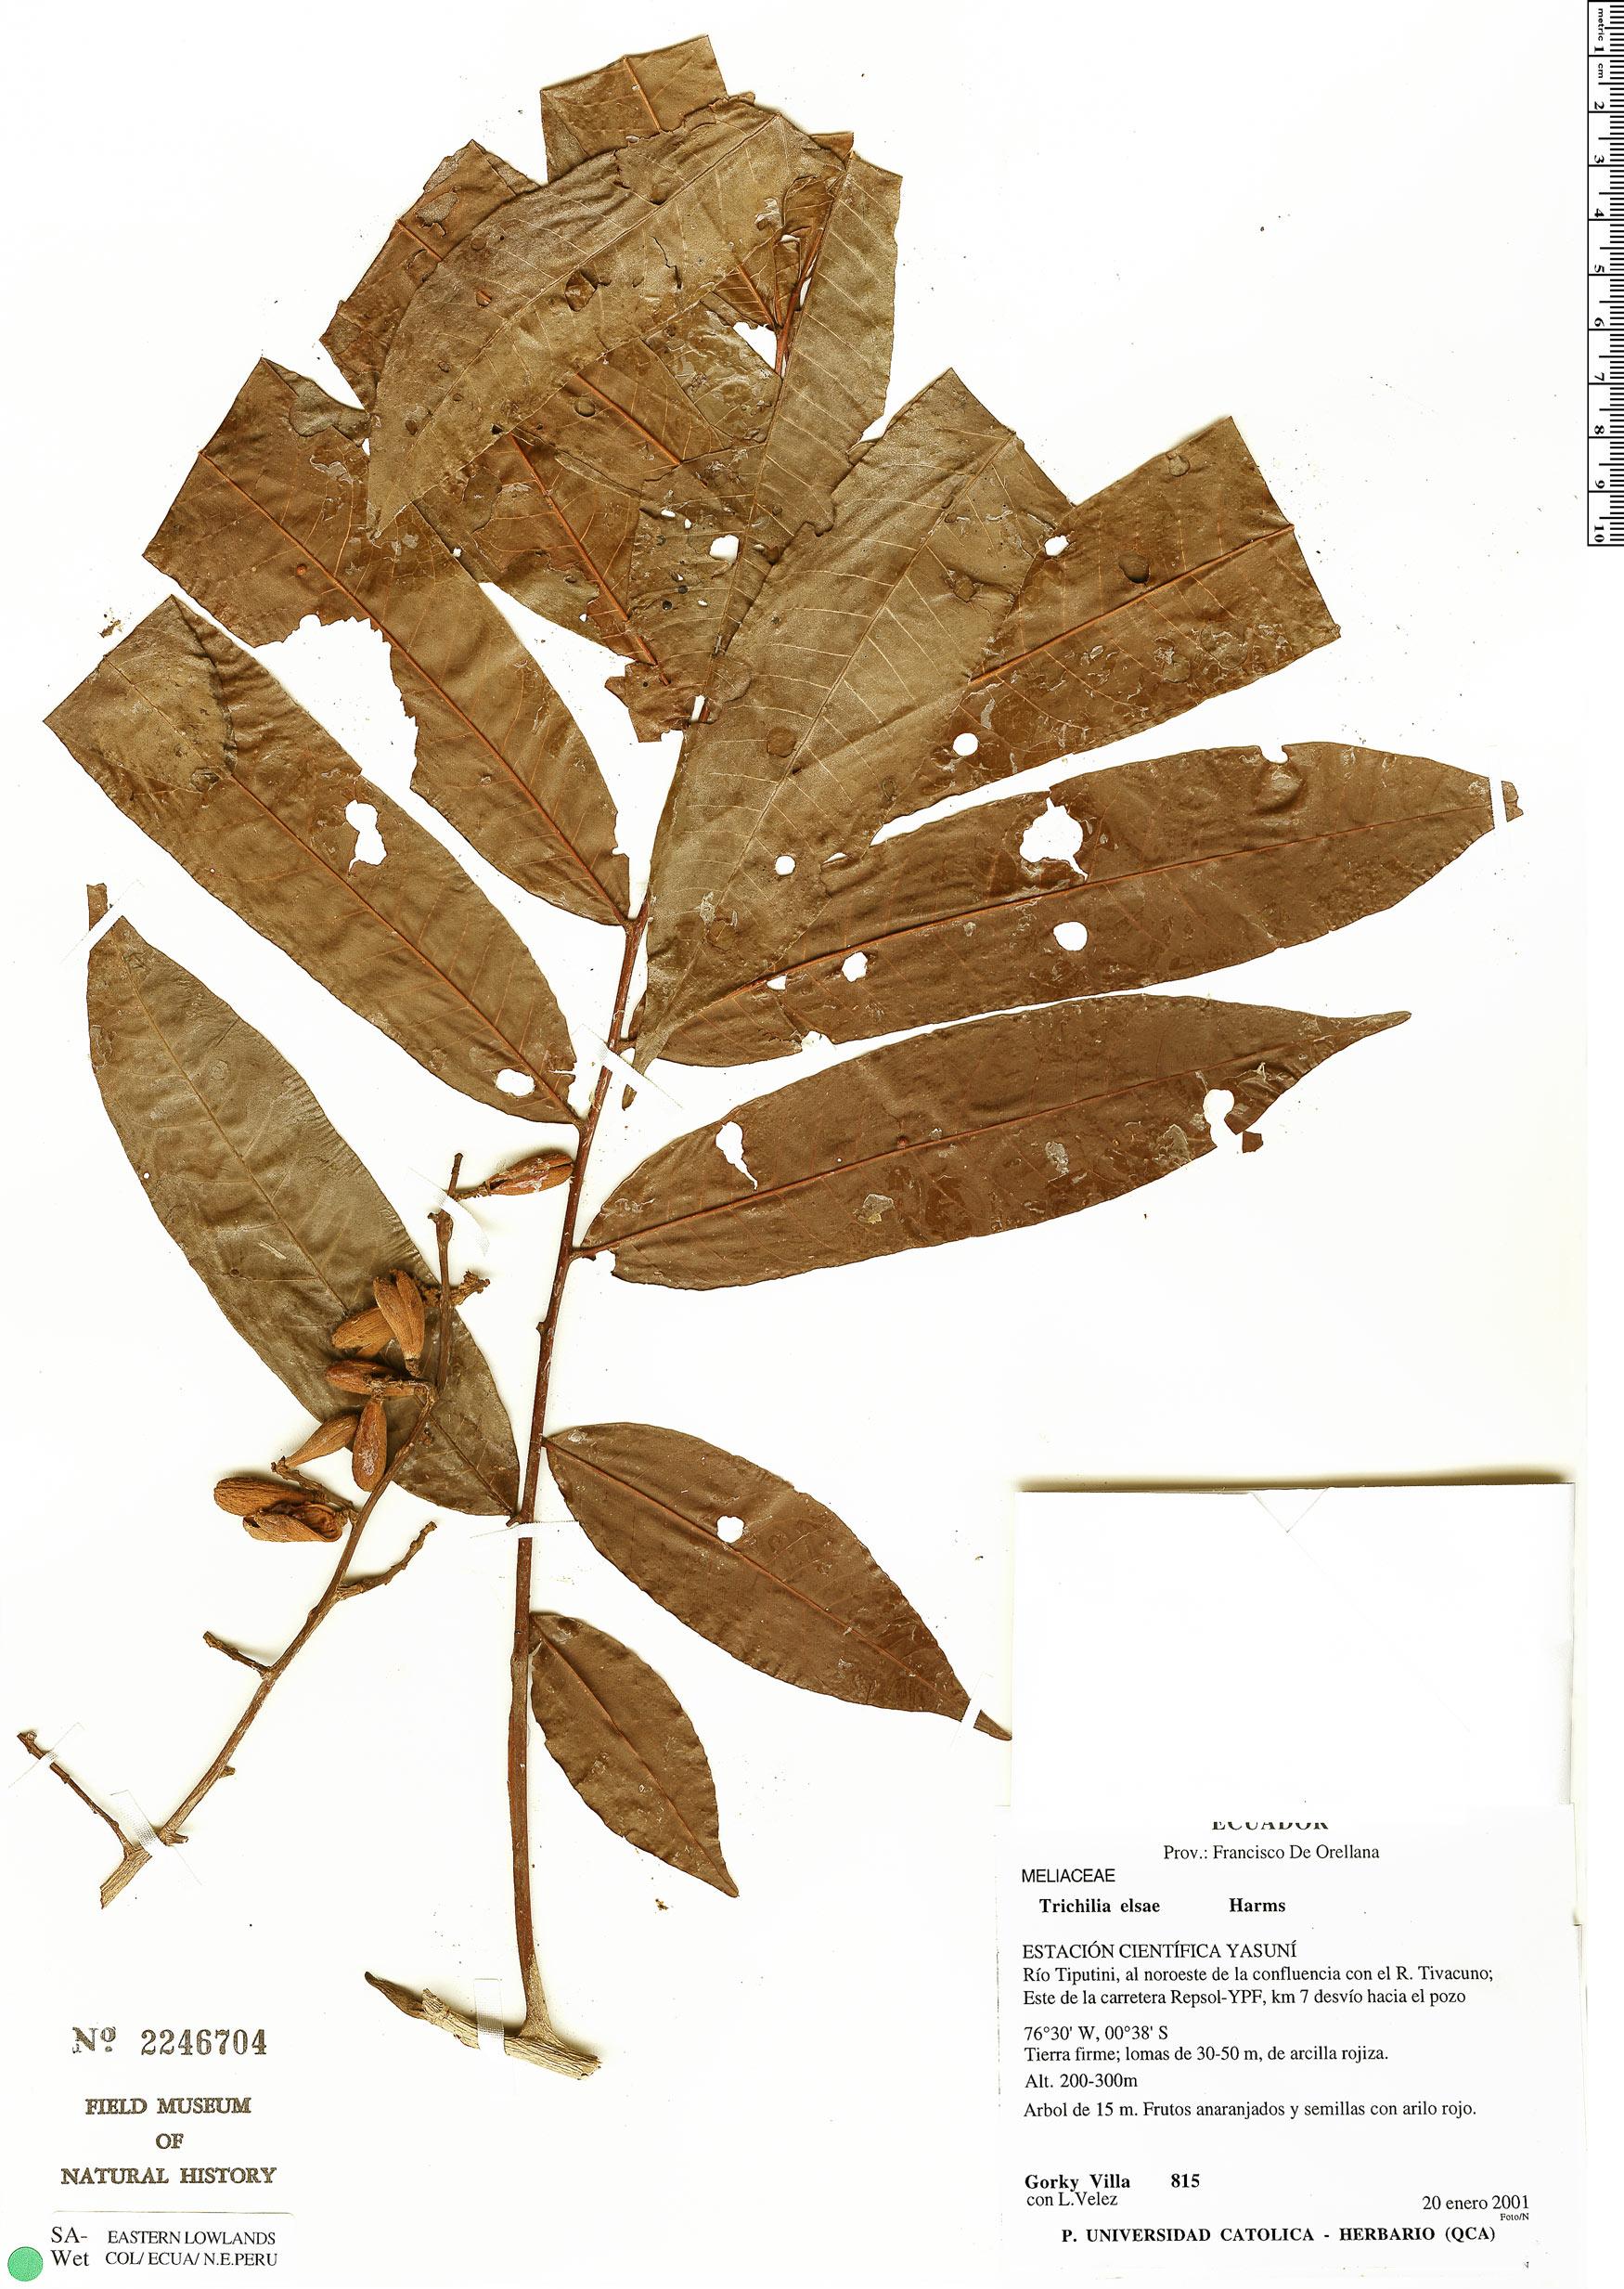 Specimen: Trichilia elsae